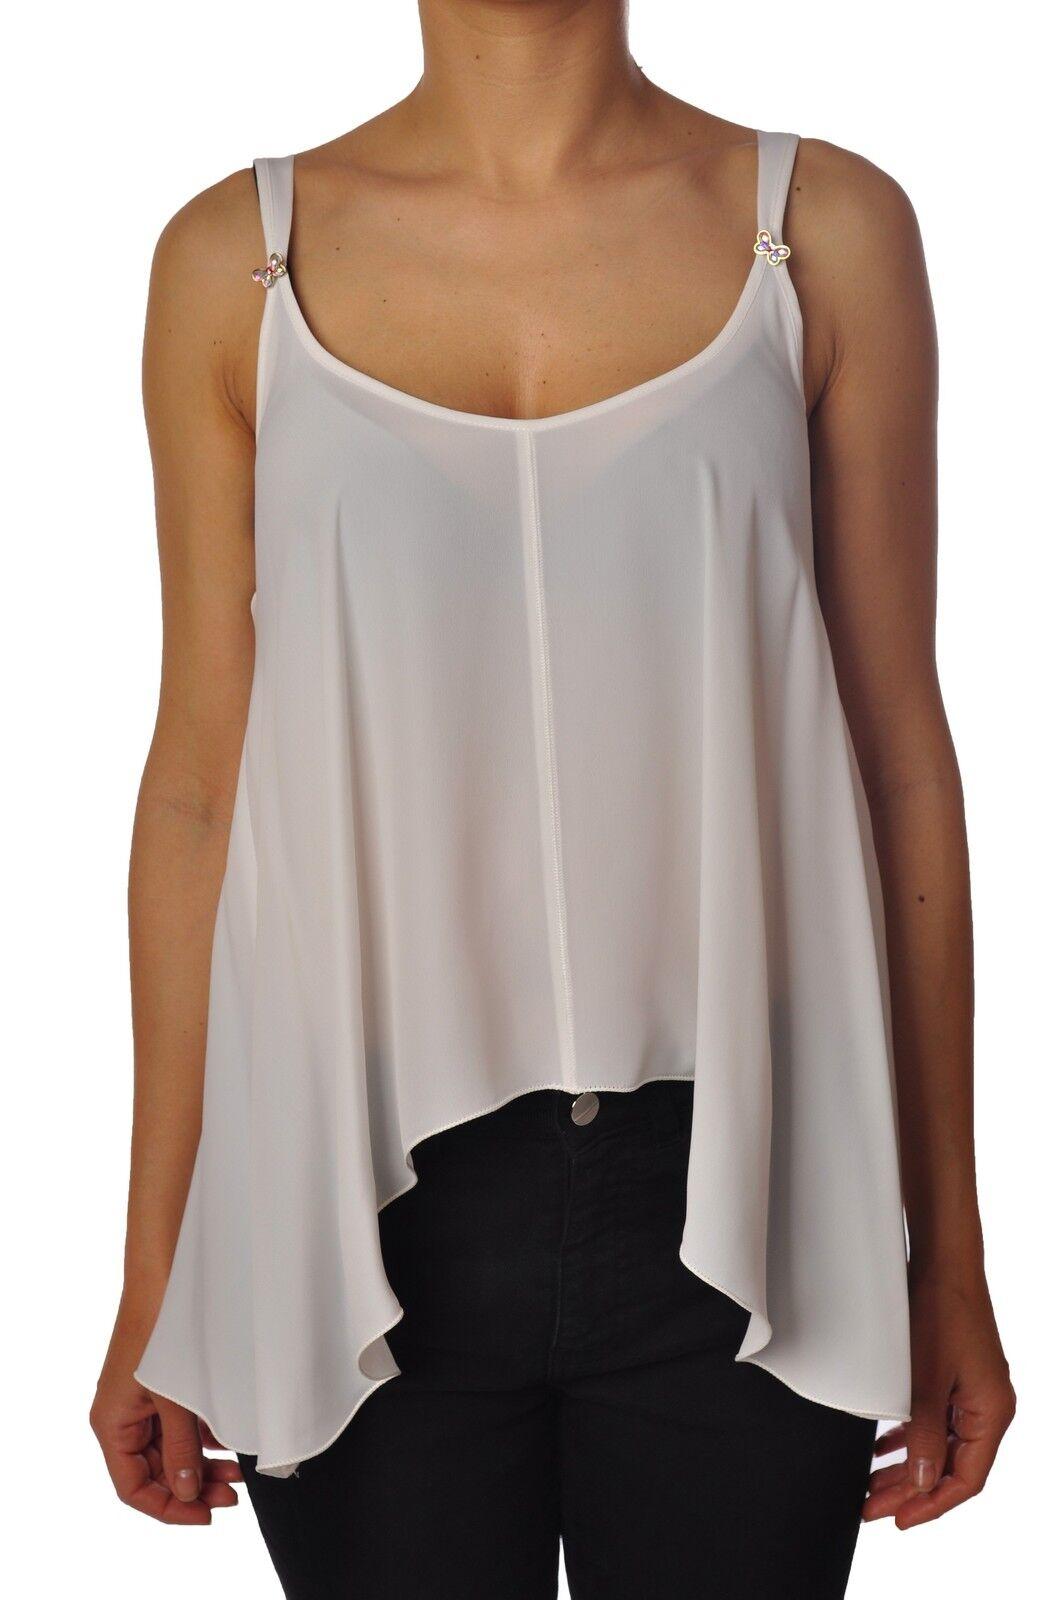 Patrizia Pepe-topwear-Top  sin mangas-Mujer-blancoo - 3631601H181305  artículos novedosos